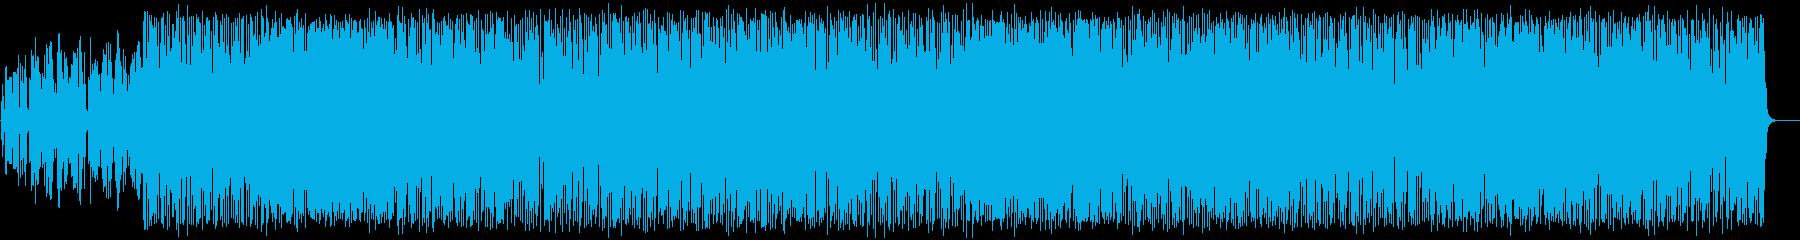 軽やかで楽しいポップBGMの再生済みの波形